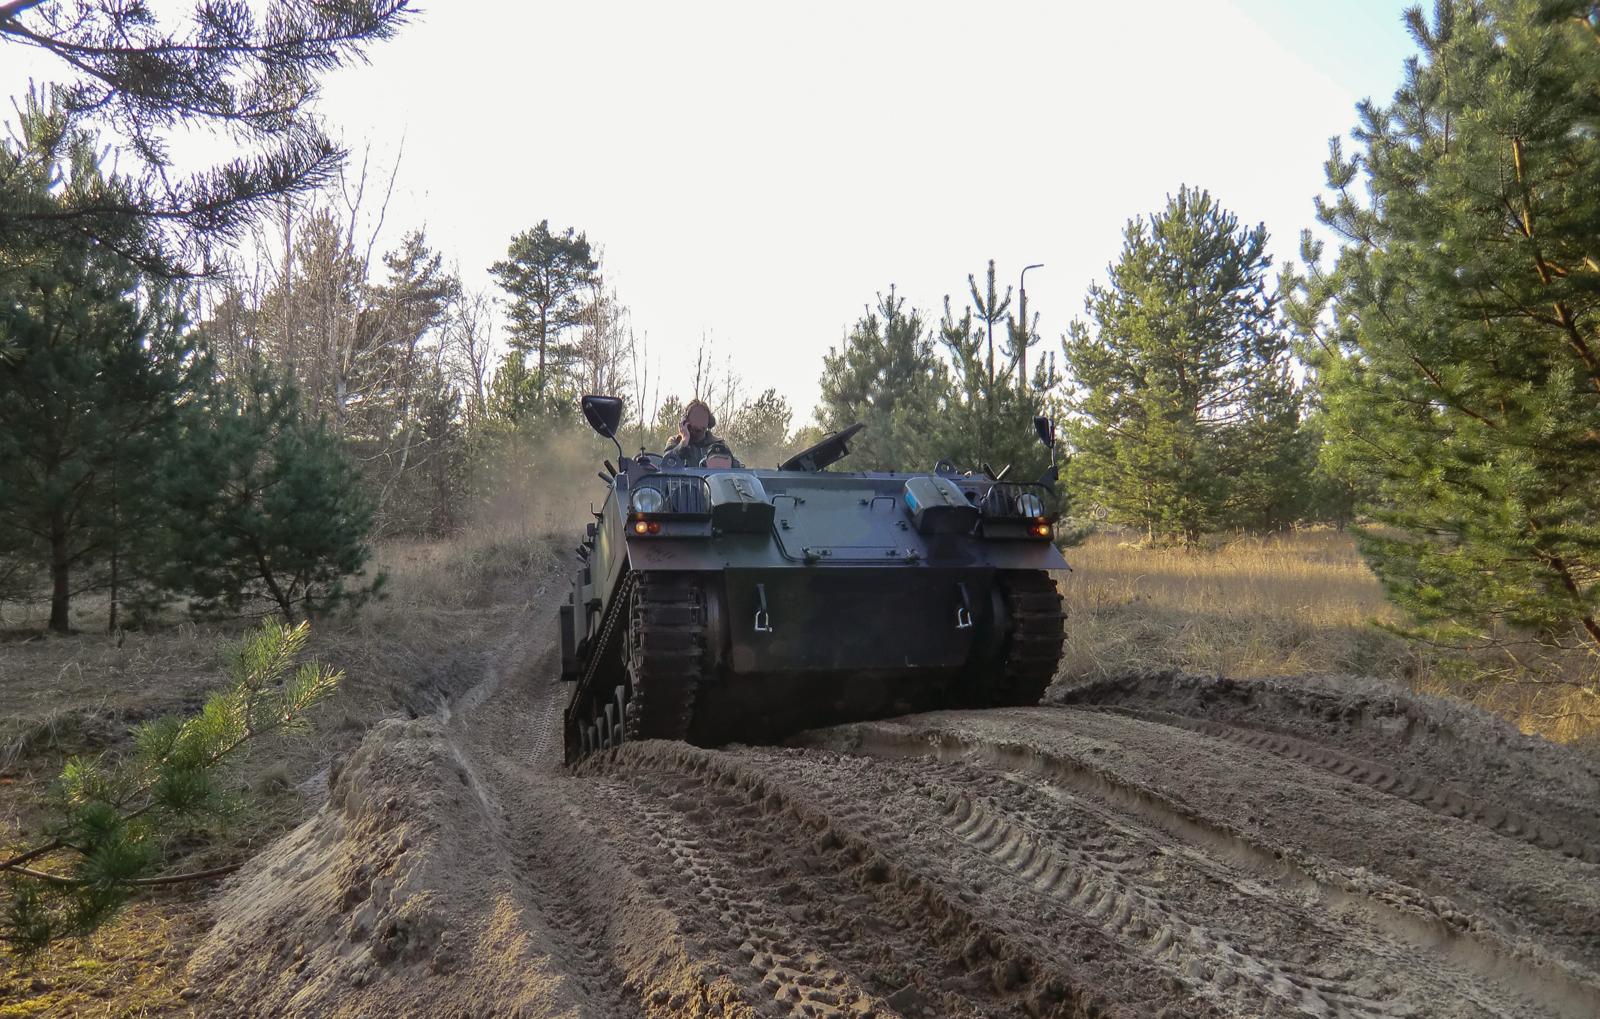 schuetzenpanzer-selber-fahren-30-min-bg5